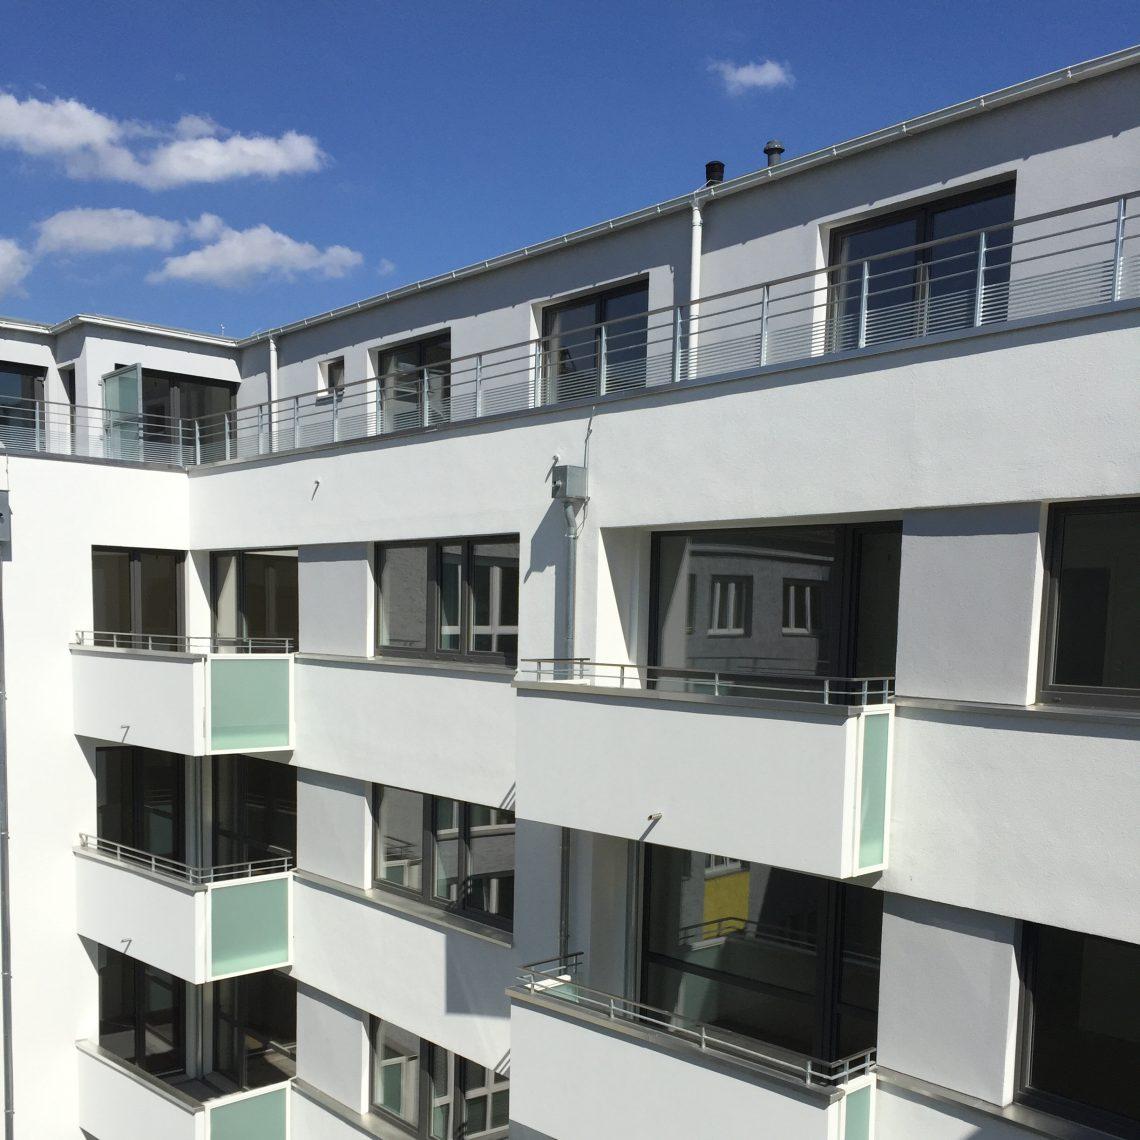 Hoffassade des Neubaus in der Gubitzstraße in Prenzlauer Berg